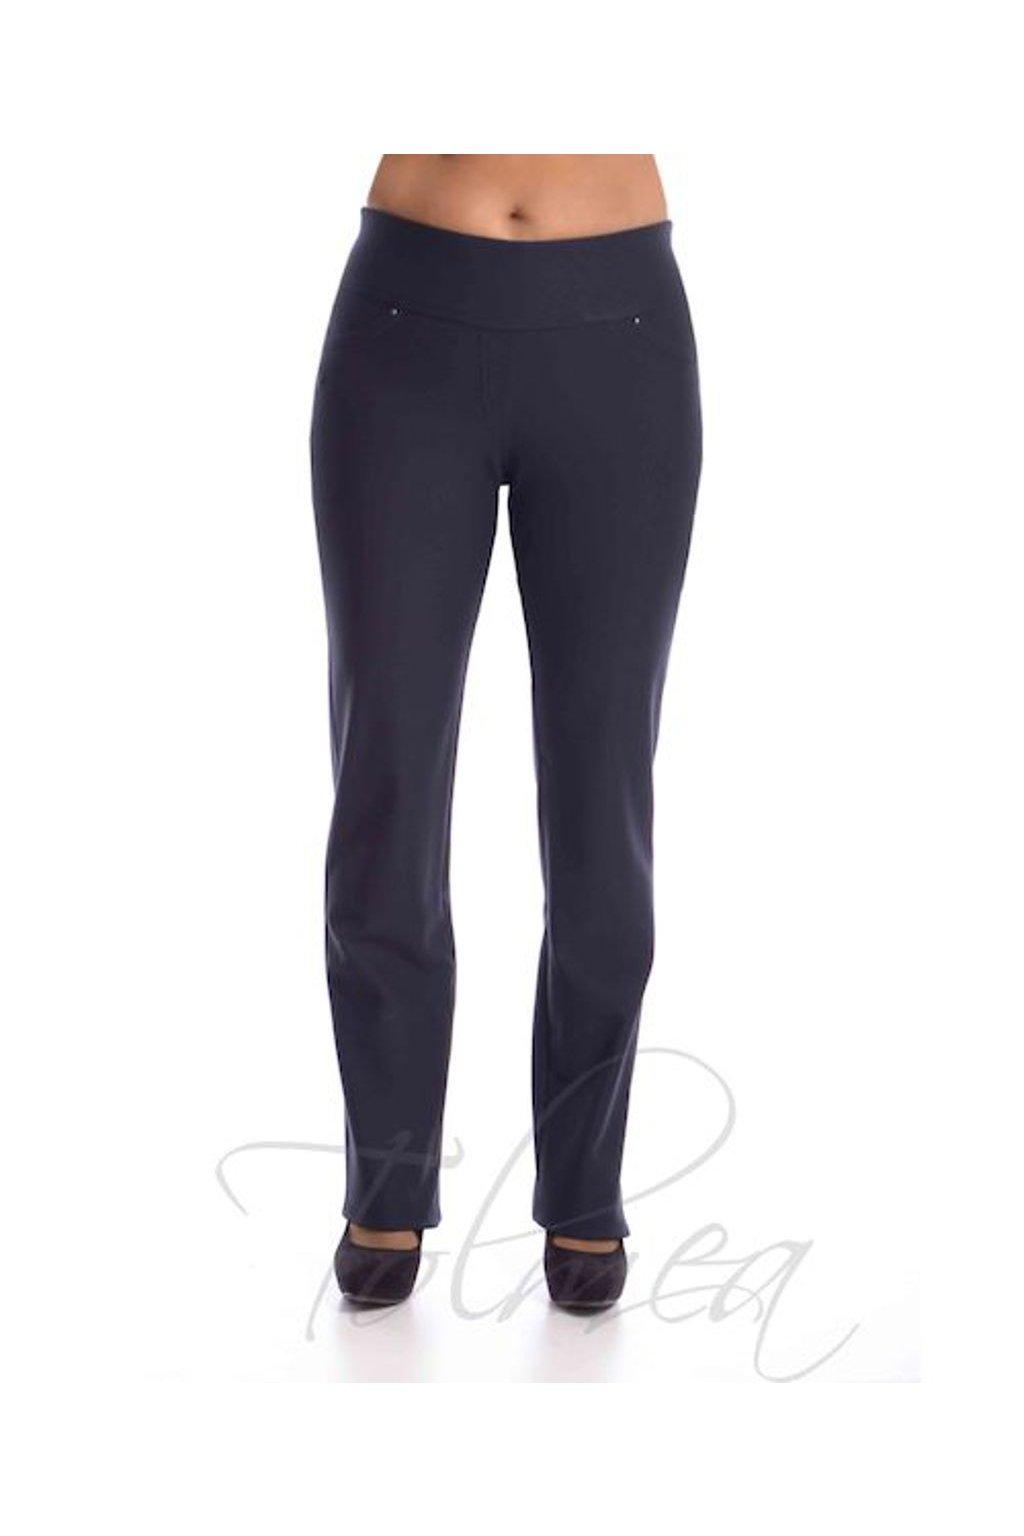 Kalhoty deluxe vysoký pas 50T (Velikost 36, Barva Modrá)